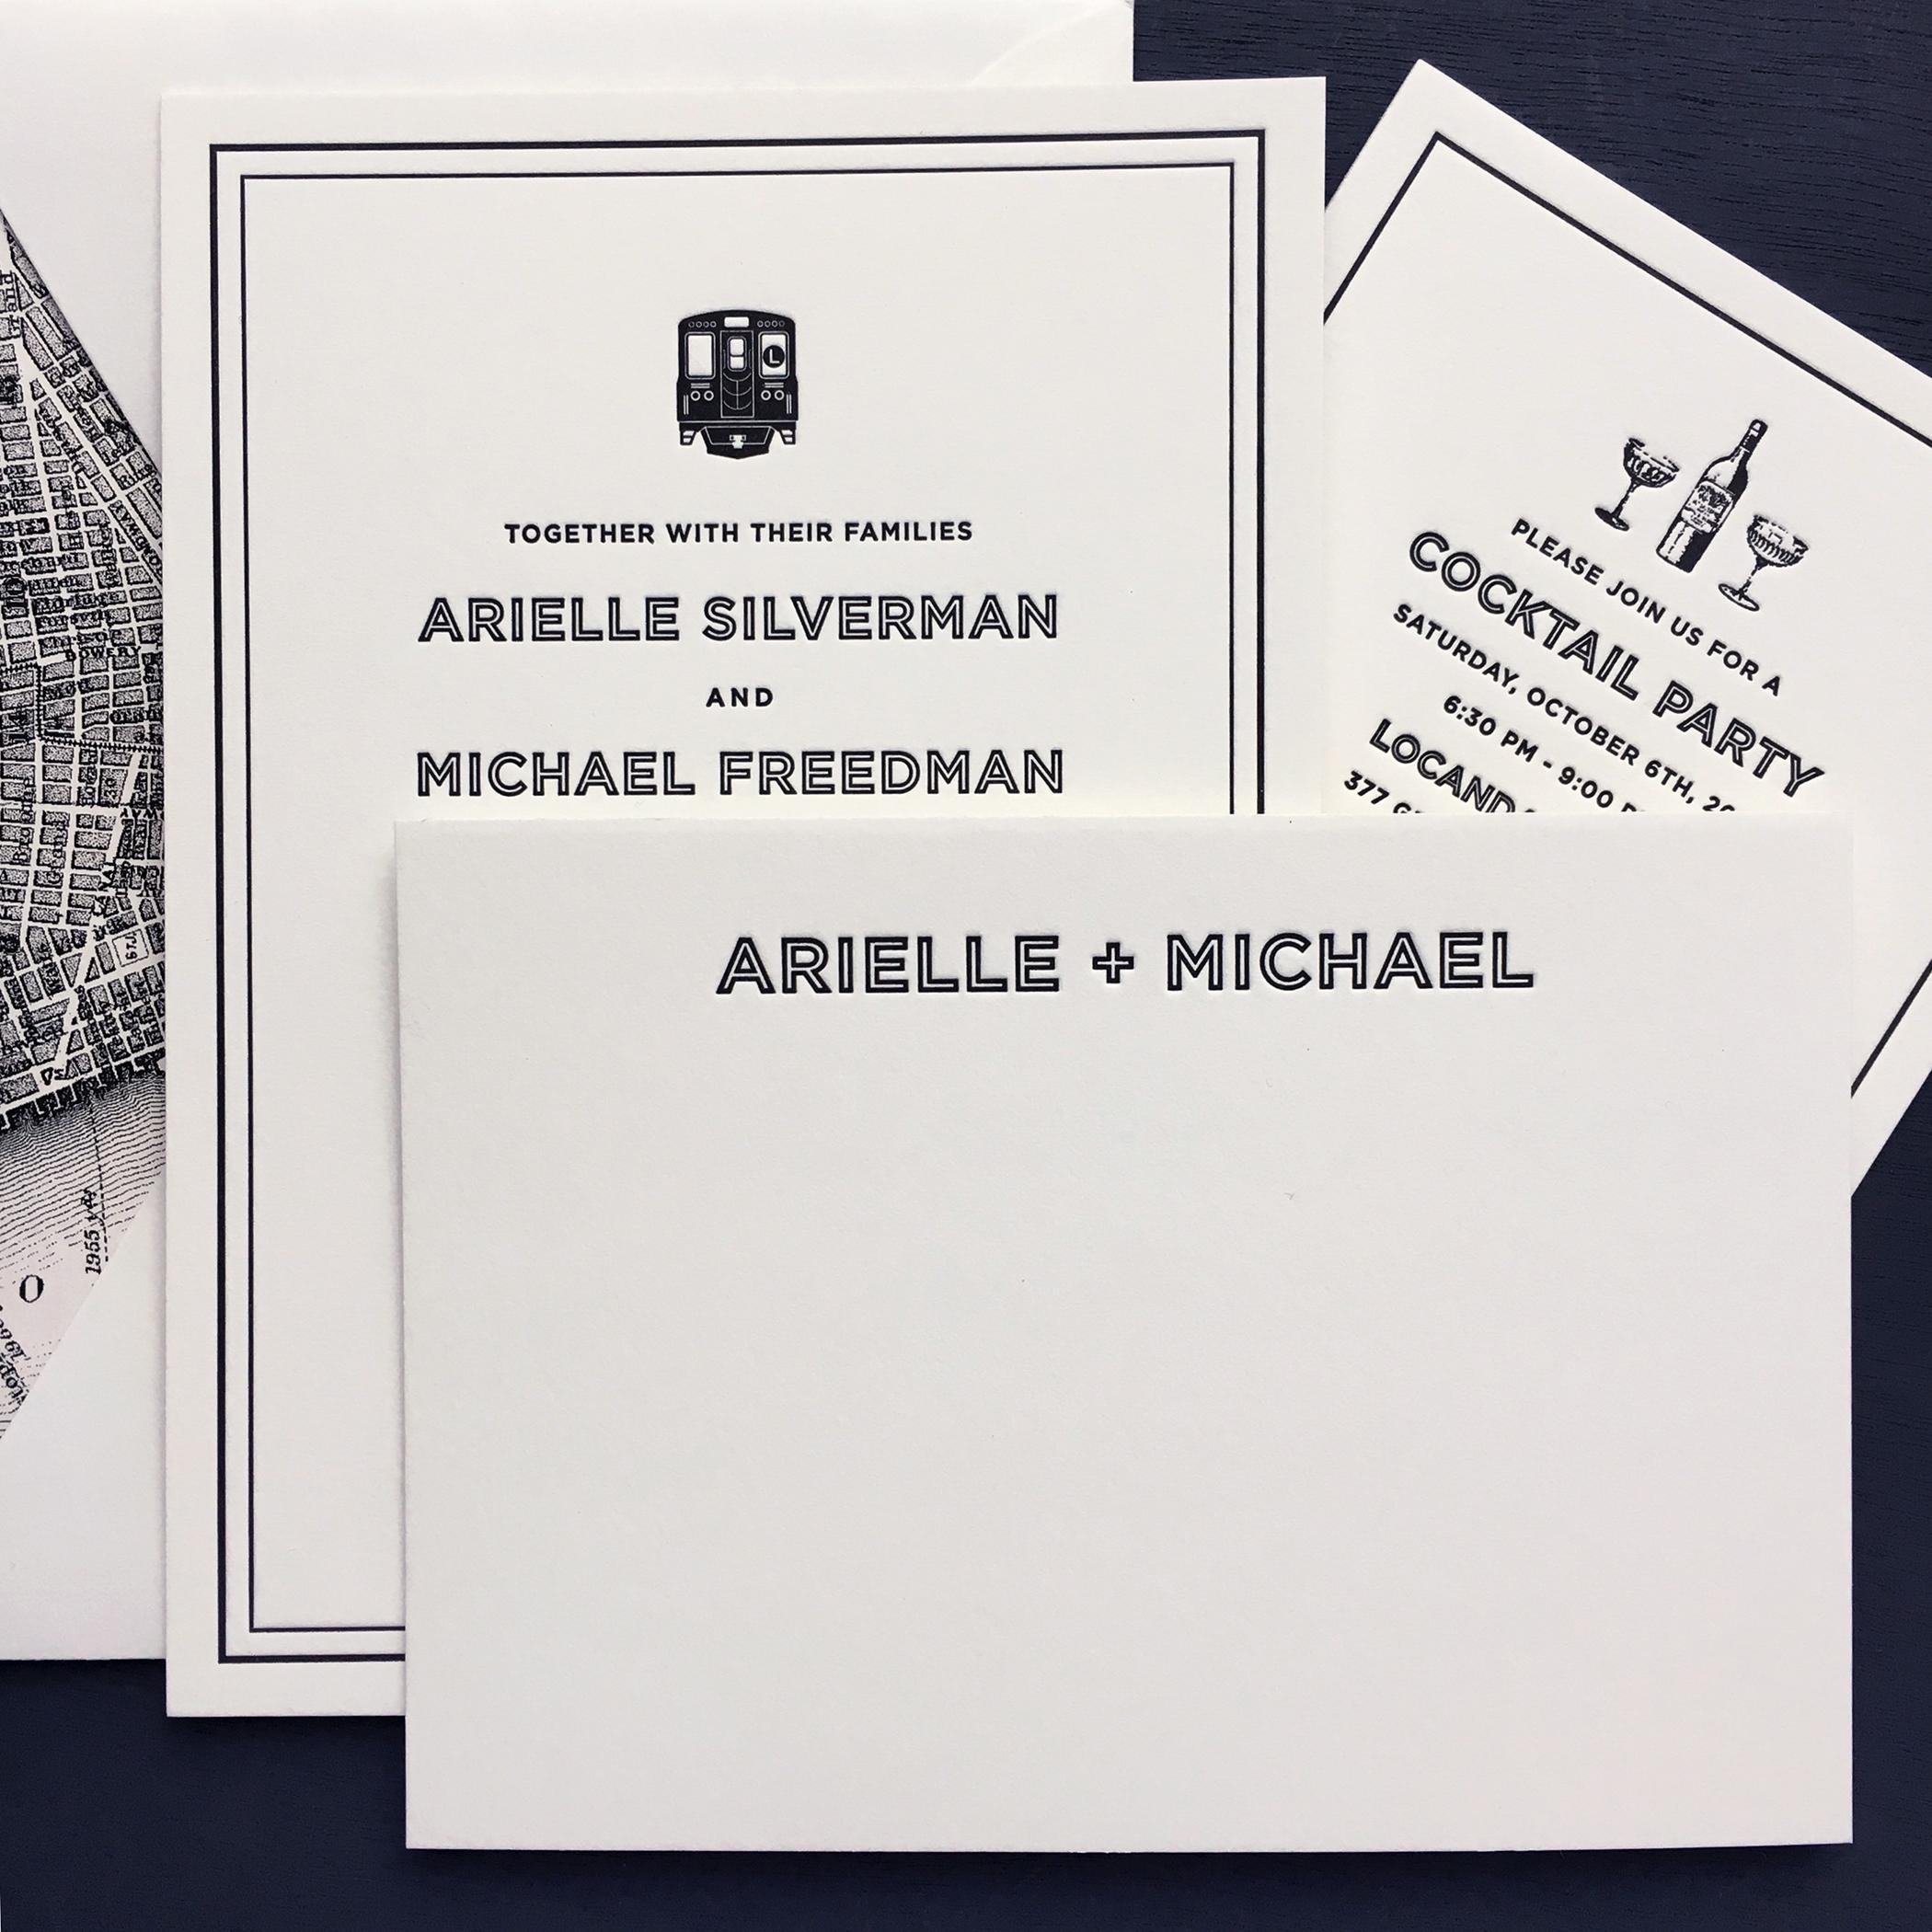 Downtown_Arielle&Michael_1.JPG